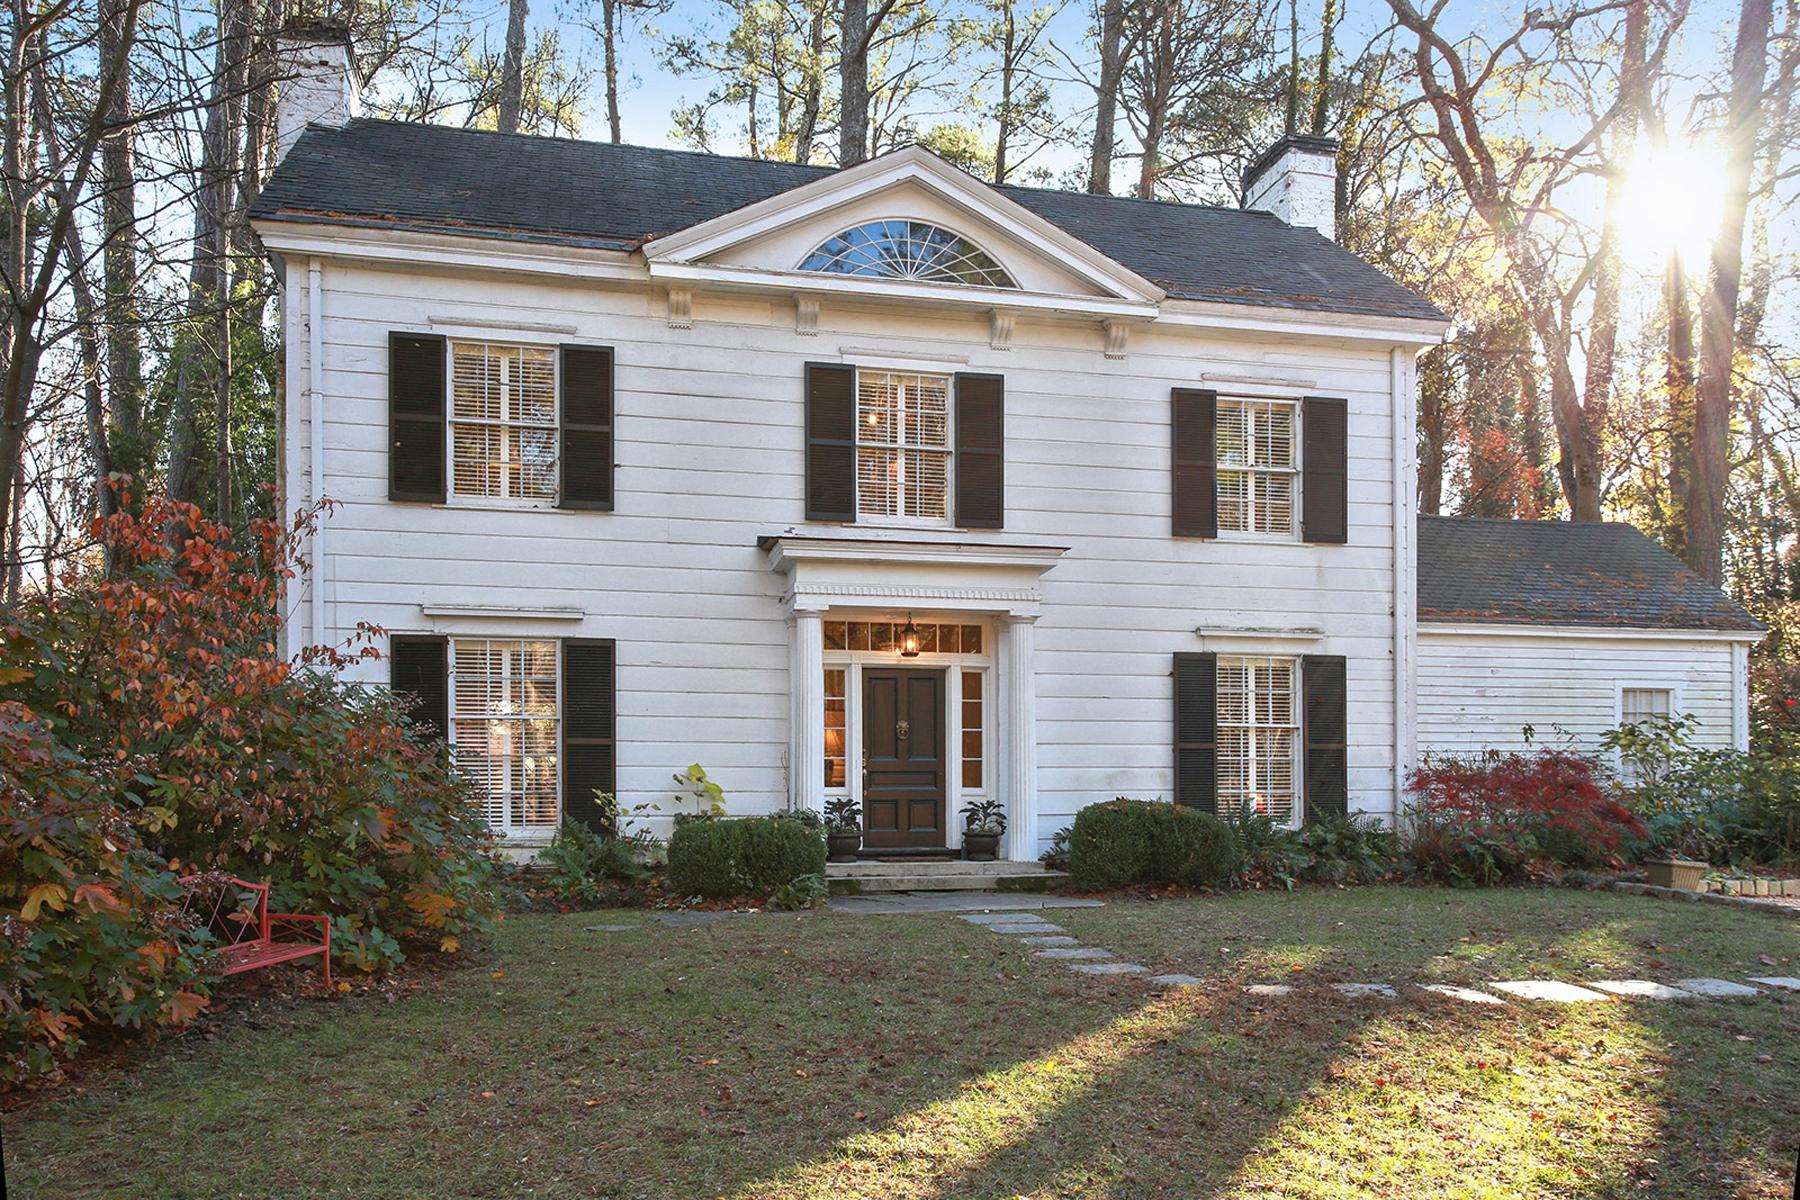 단독 가정 주택 용 매매 에 Beautiful Greek Revival Home In Buckhead 504 West Wesley Atlanta, 조지아, 30305 미국